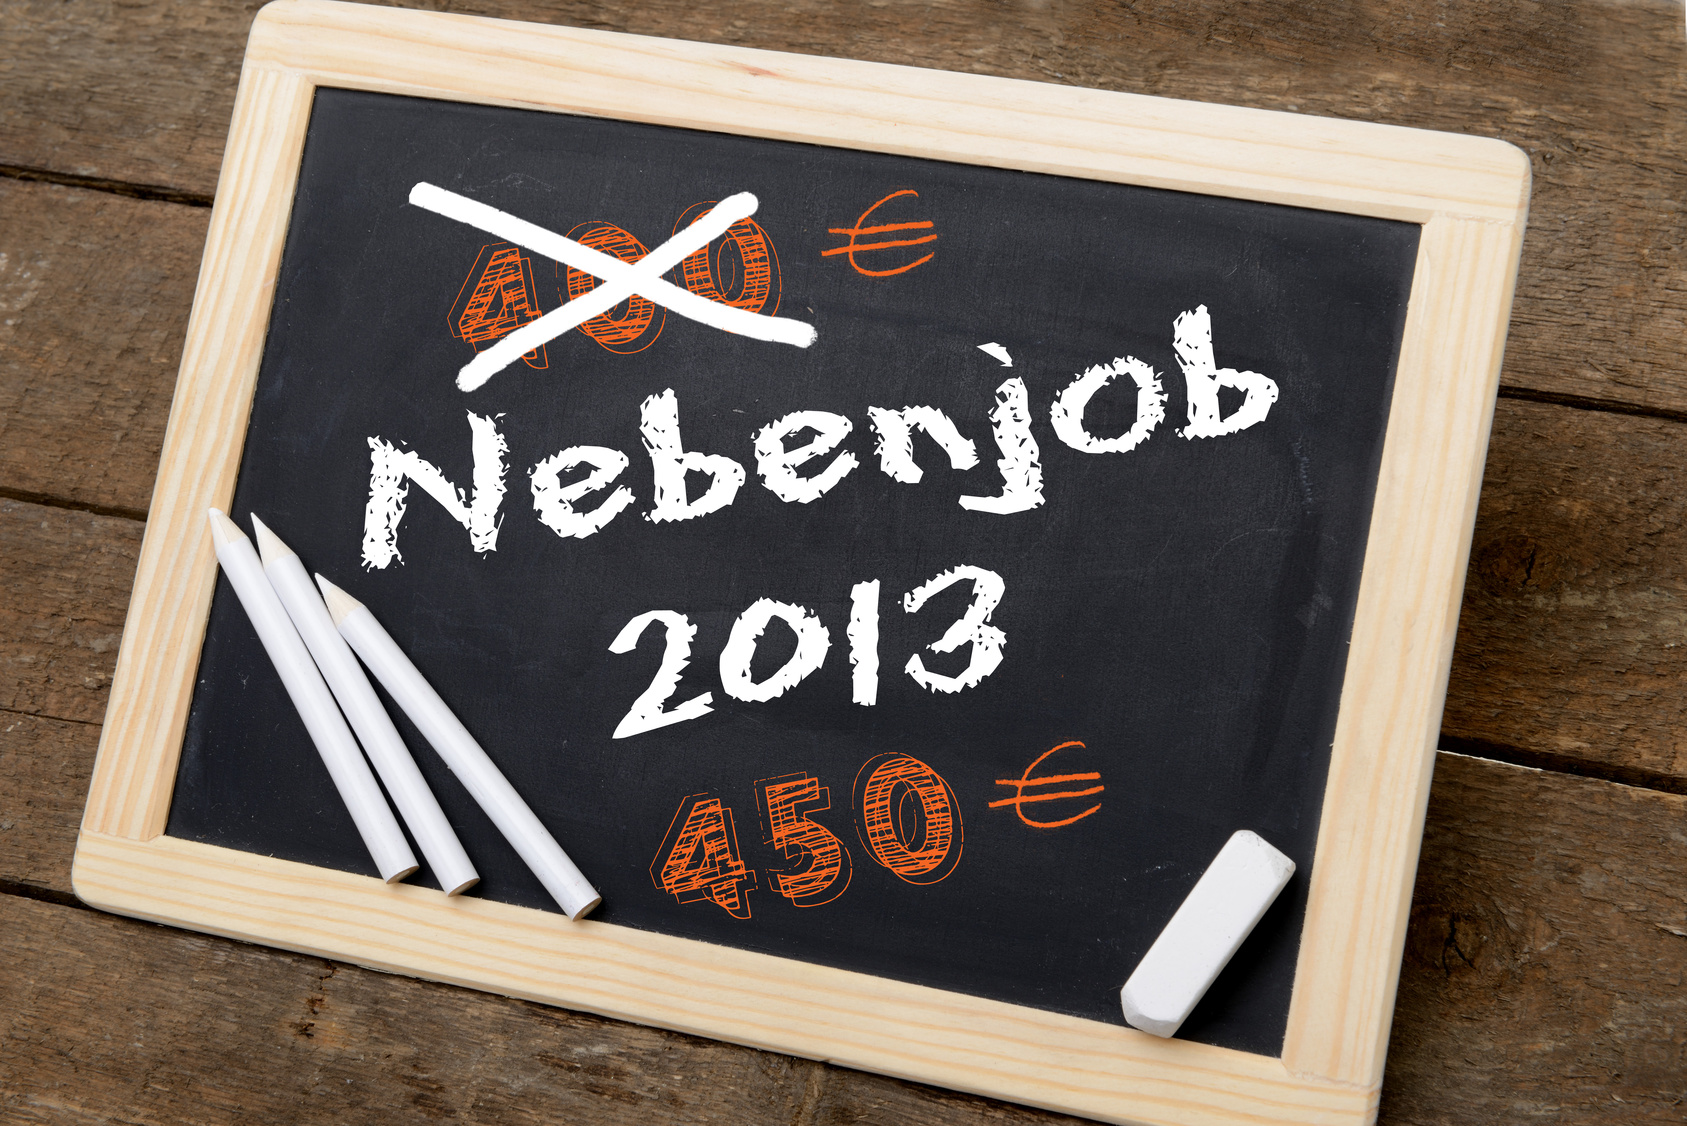 binäre optionen sharff arbeiten von zuhause 400 euro